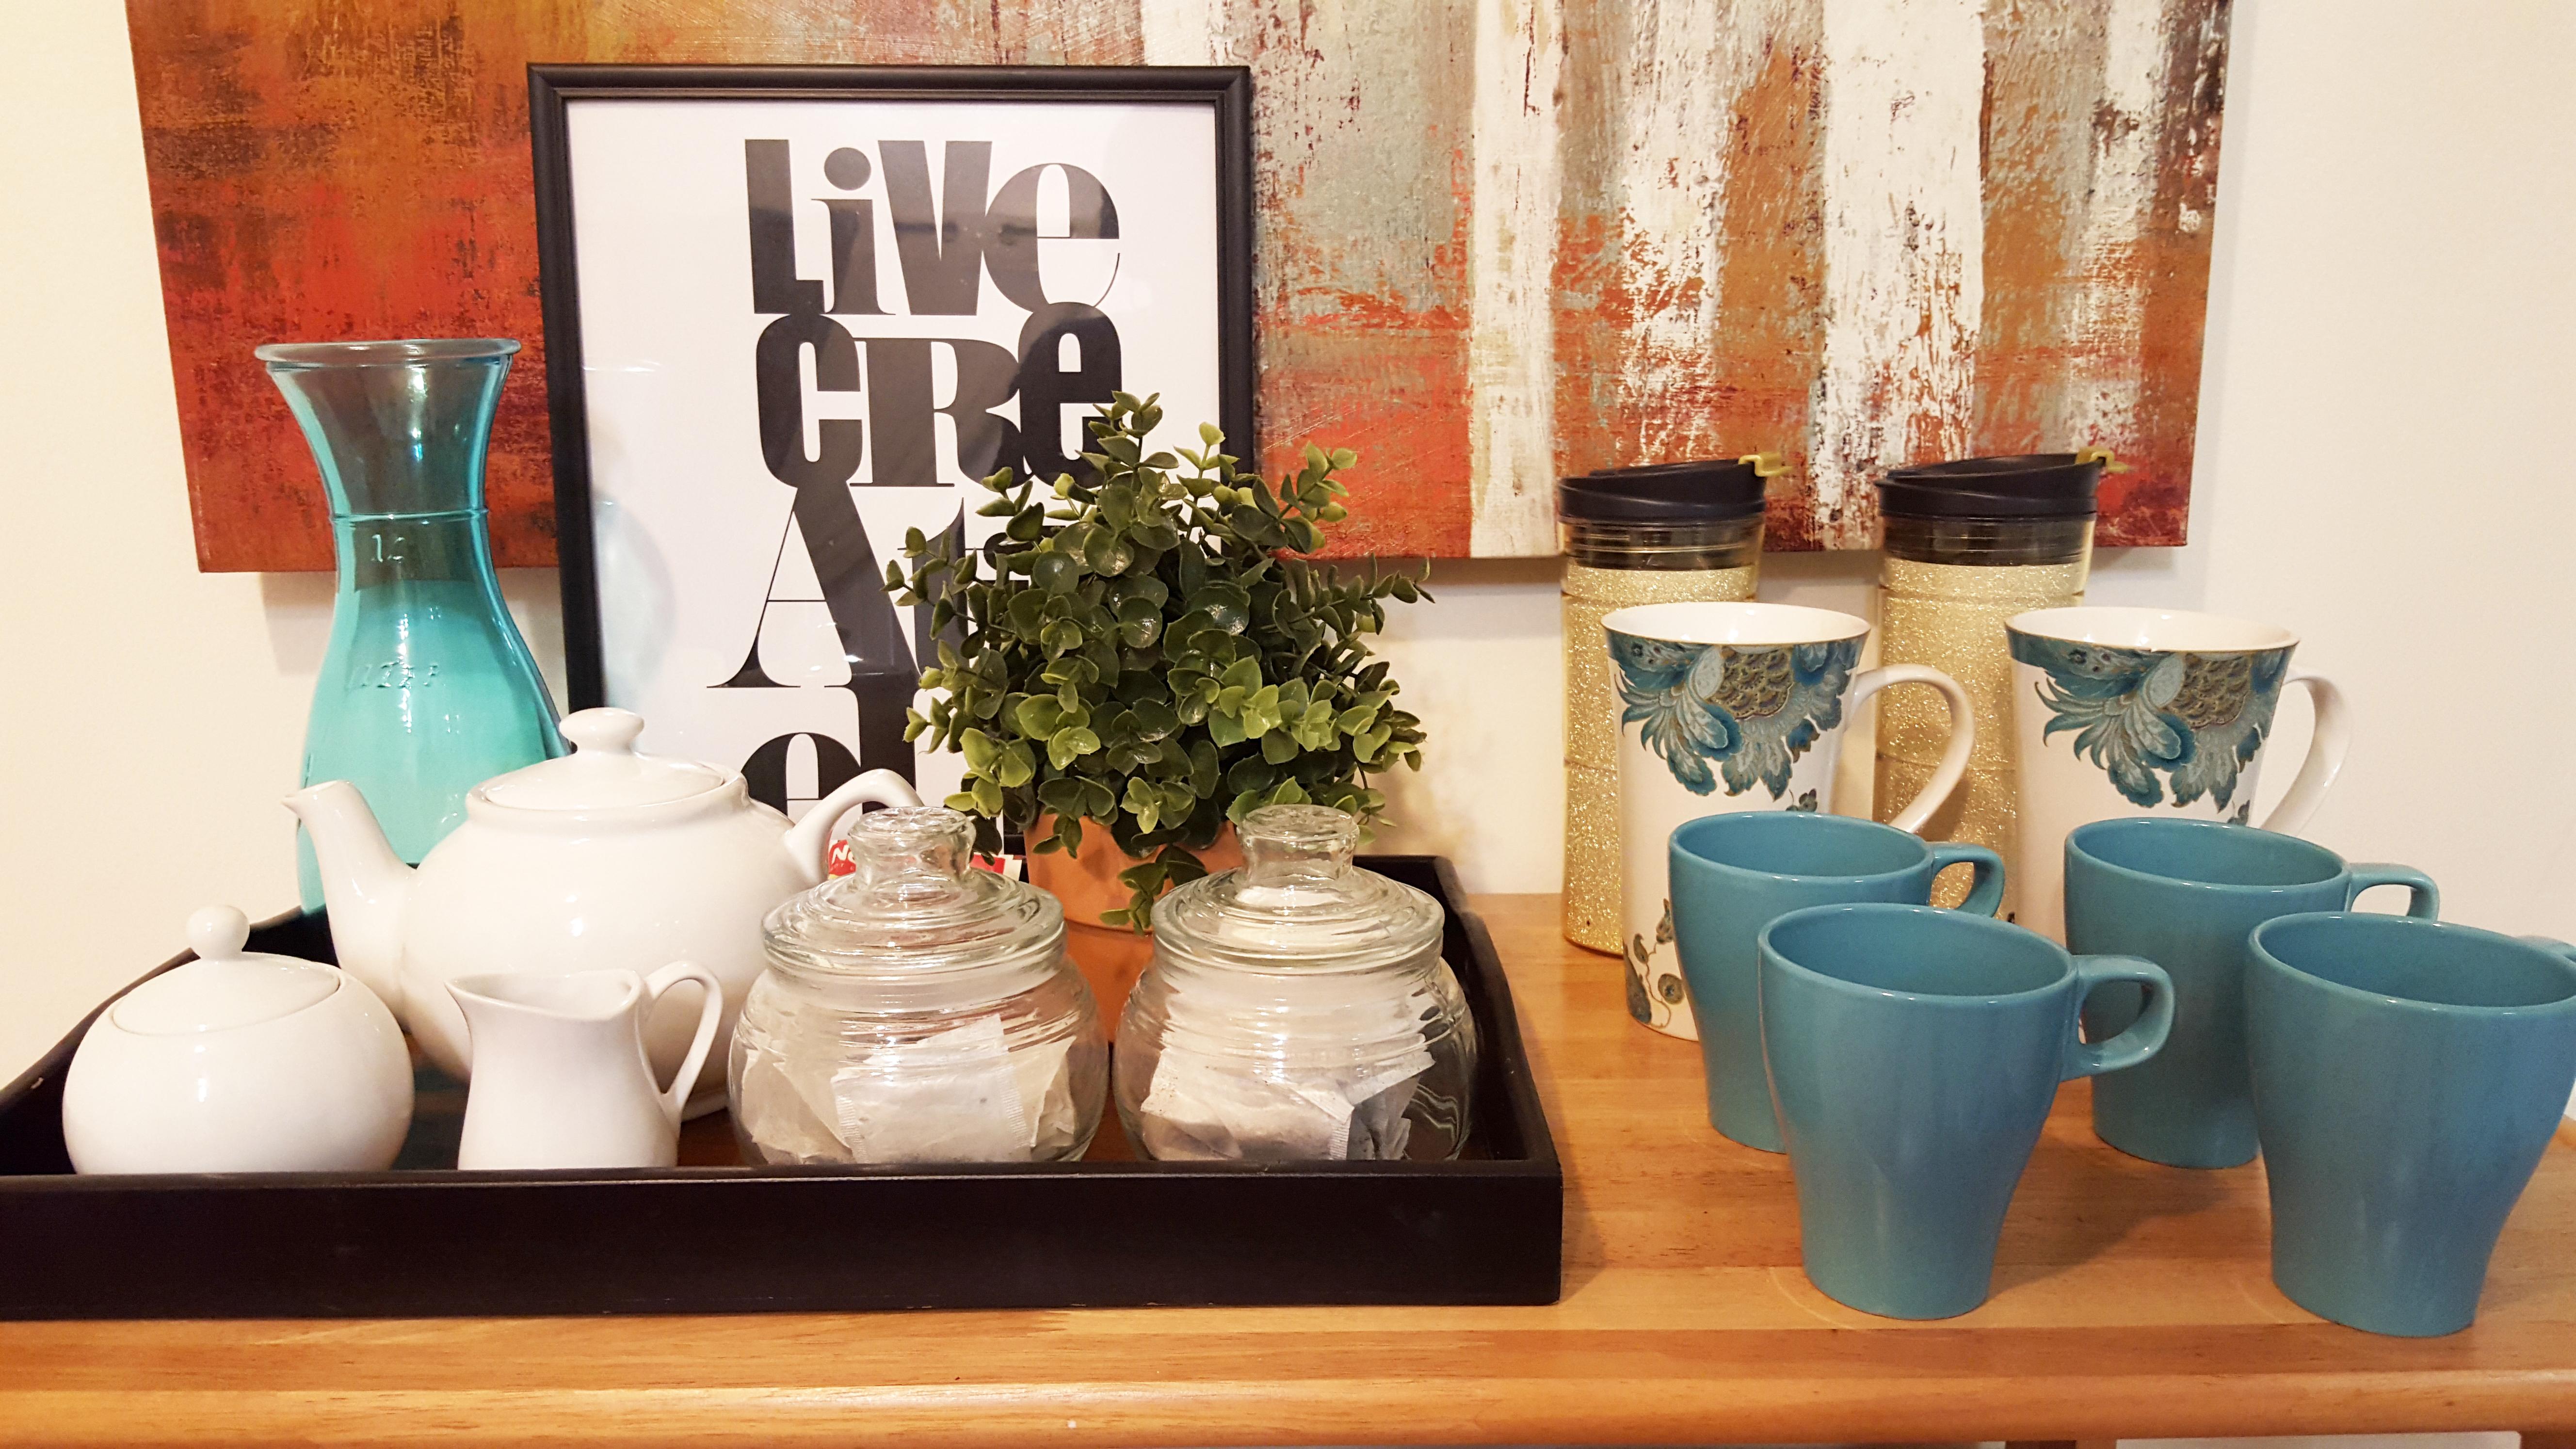 5 Kitchen Decor Ideas